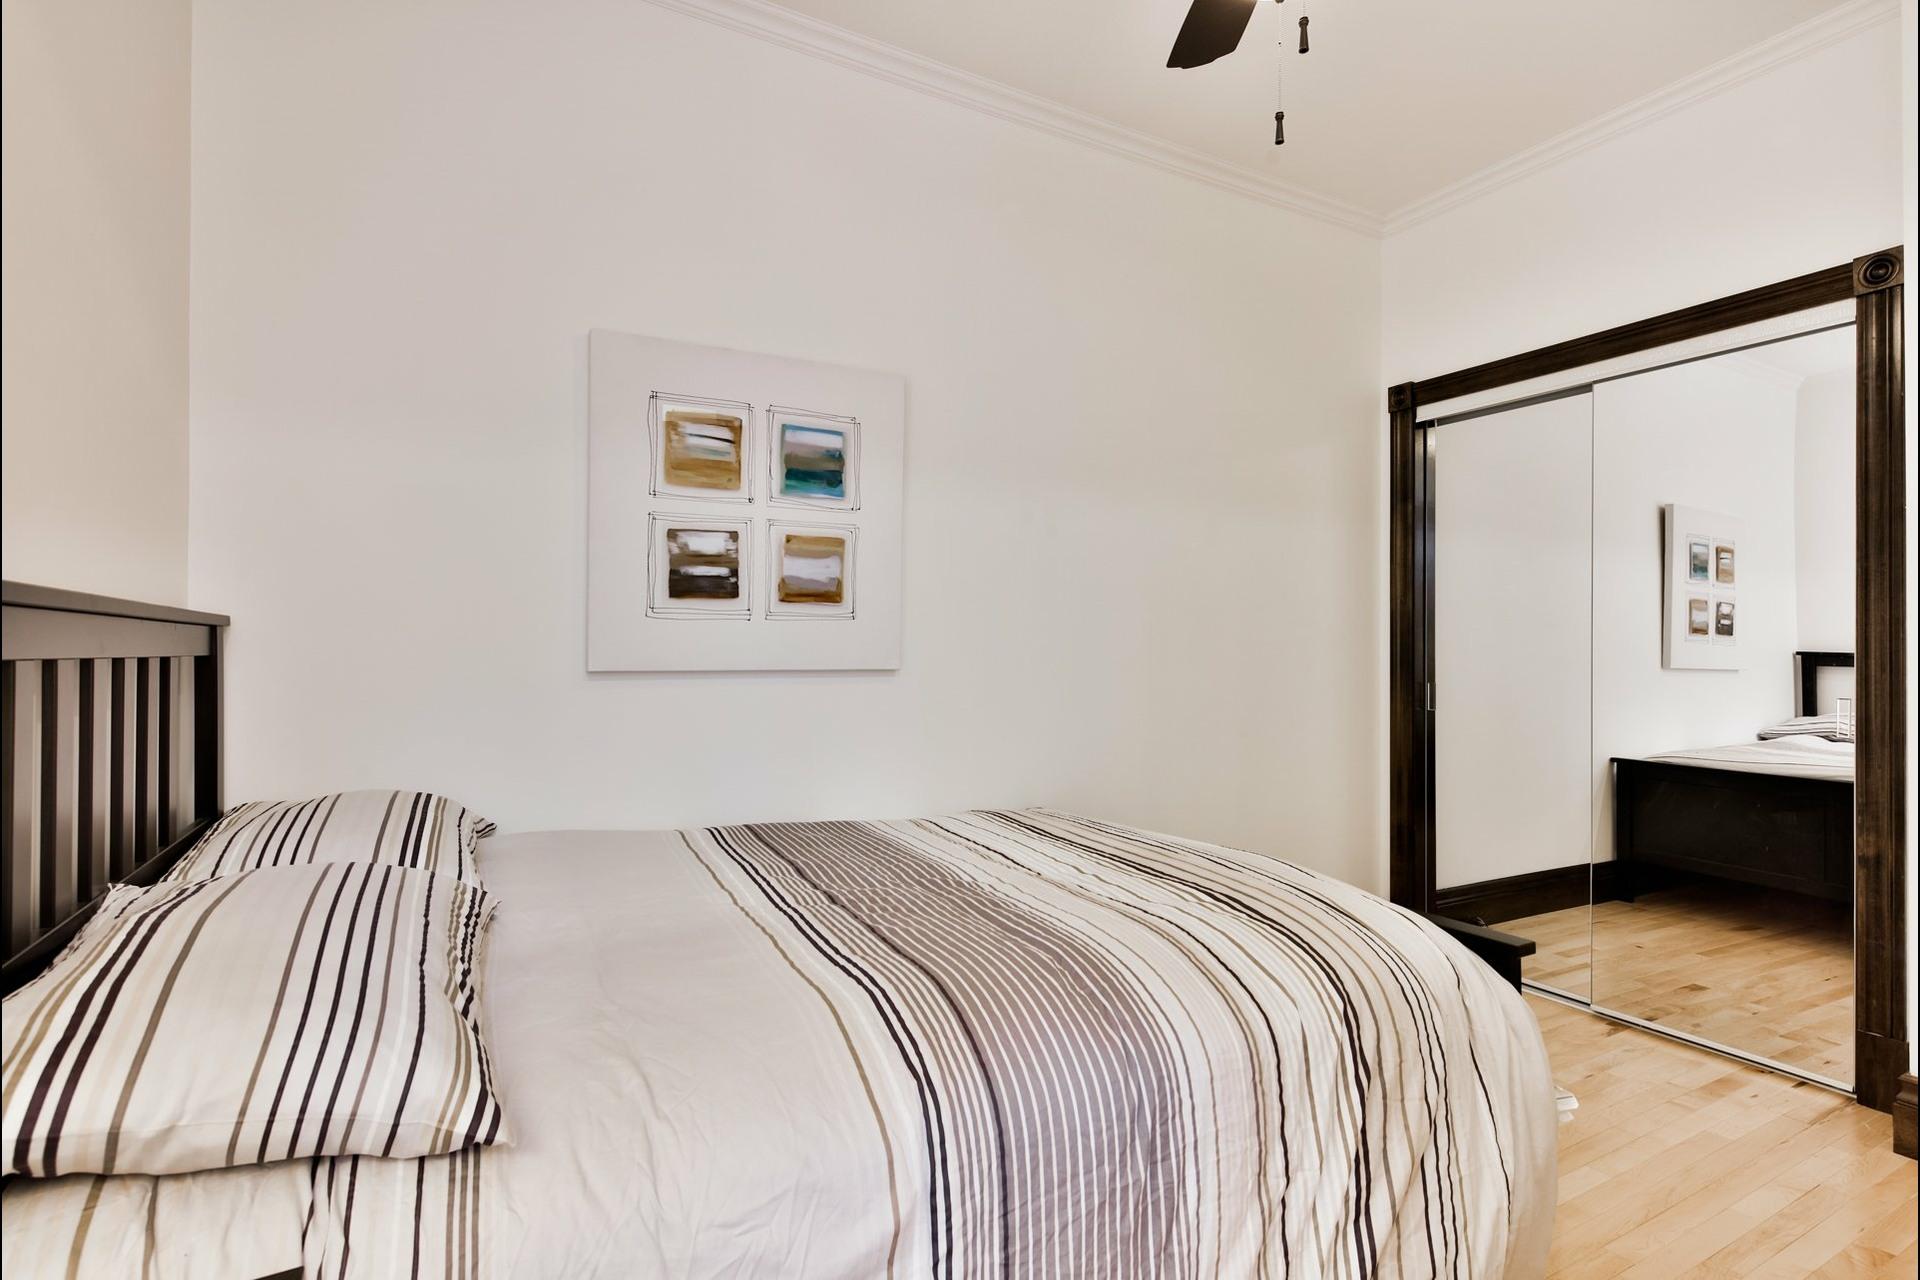 image 15 - Appartement À vendre Le Plateau-Mont-Royal Montréal  - 4 pièces